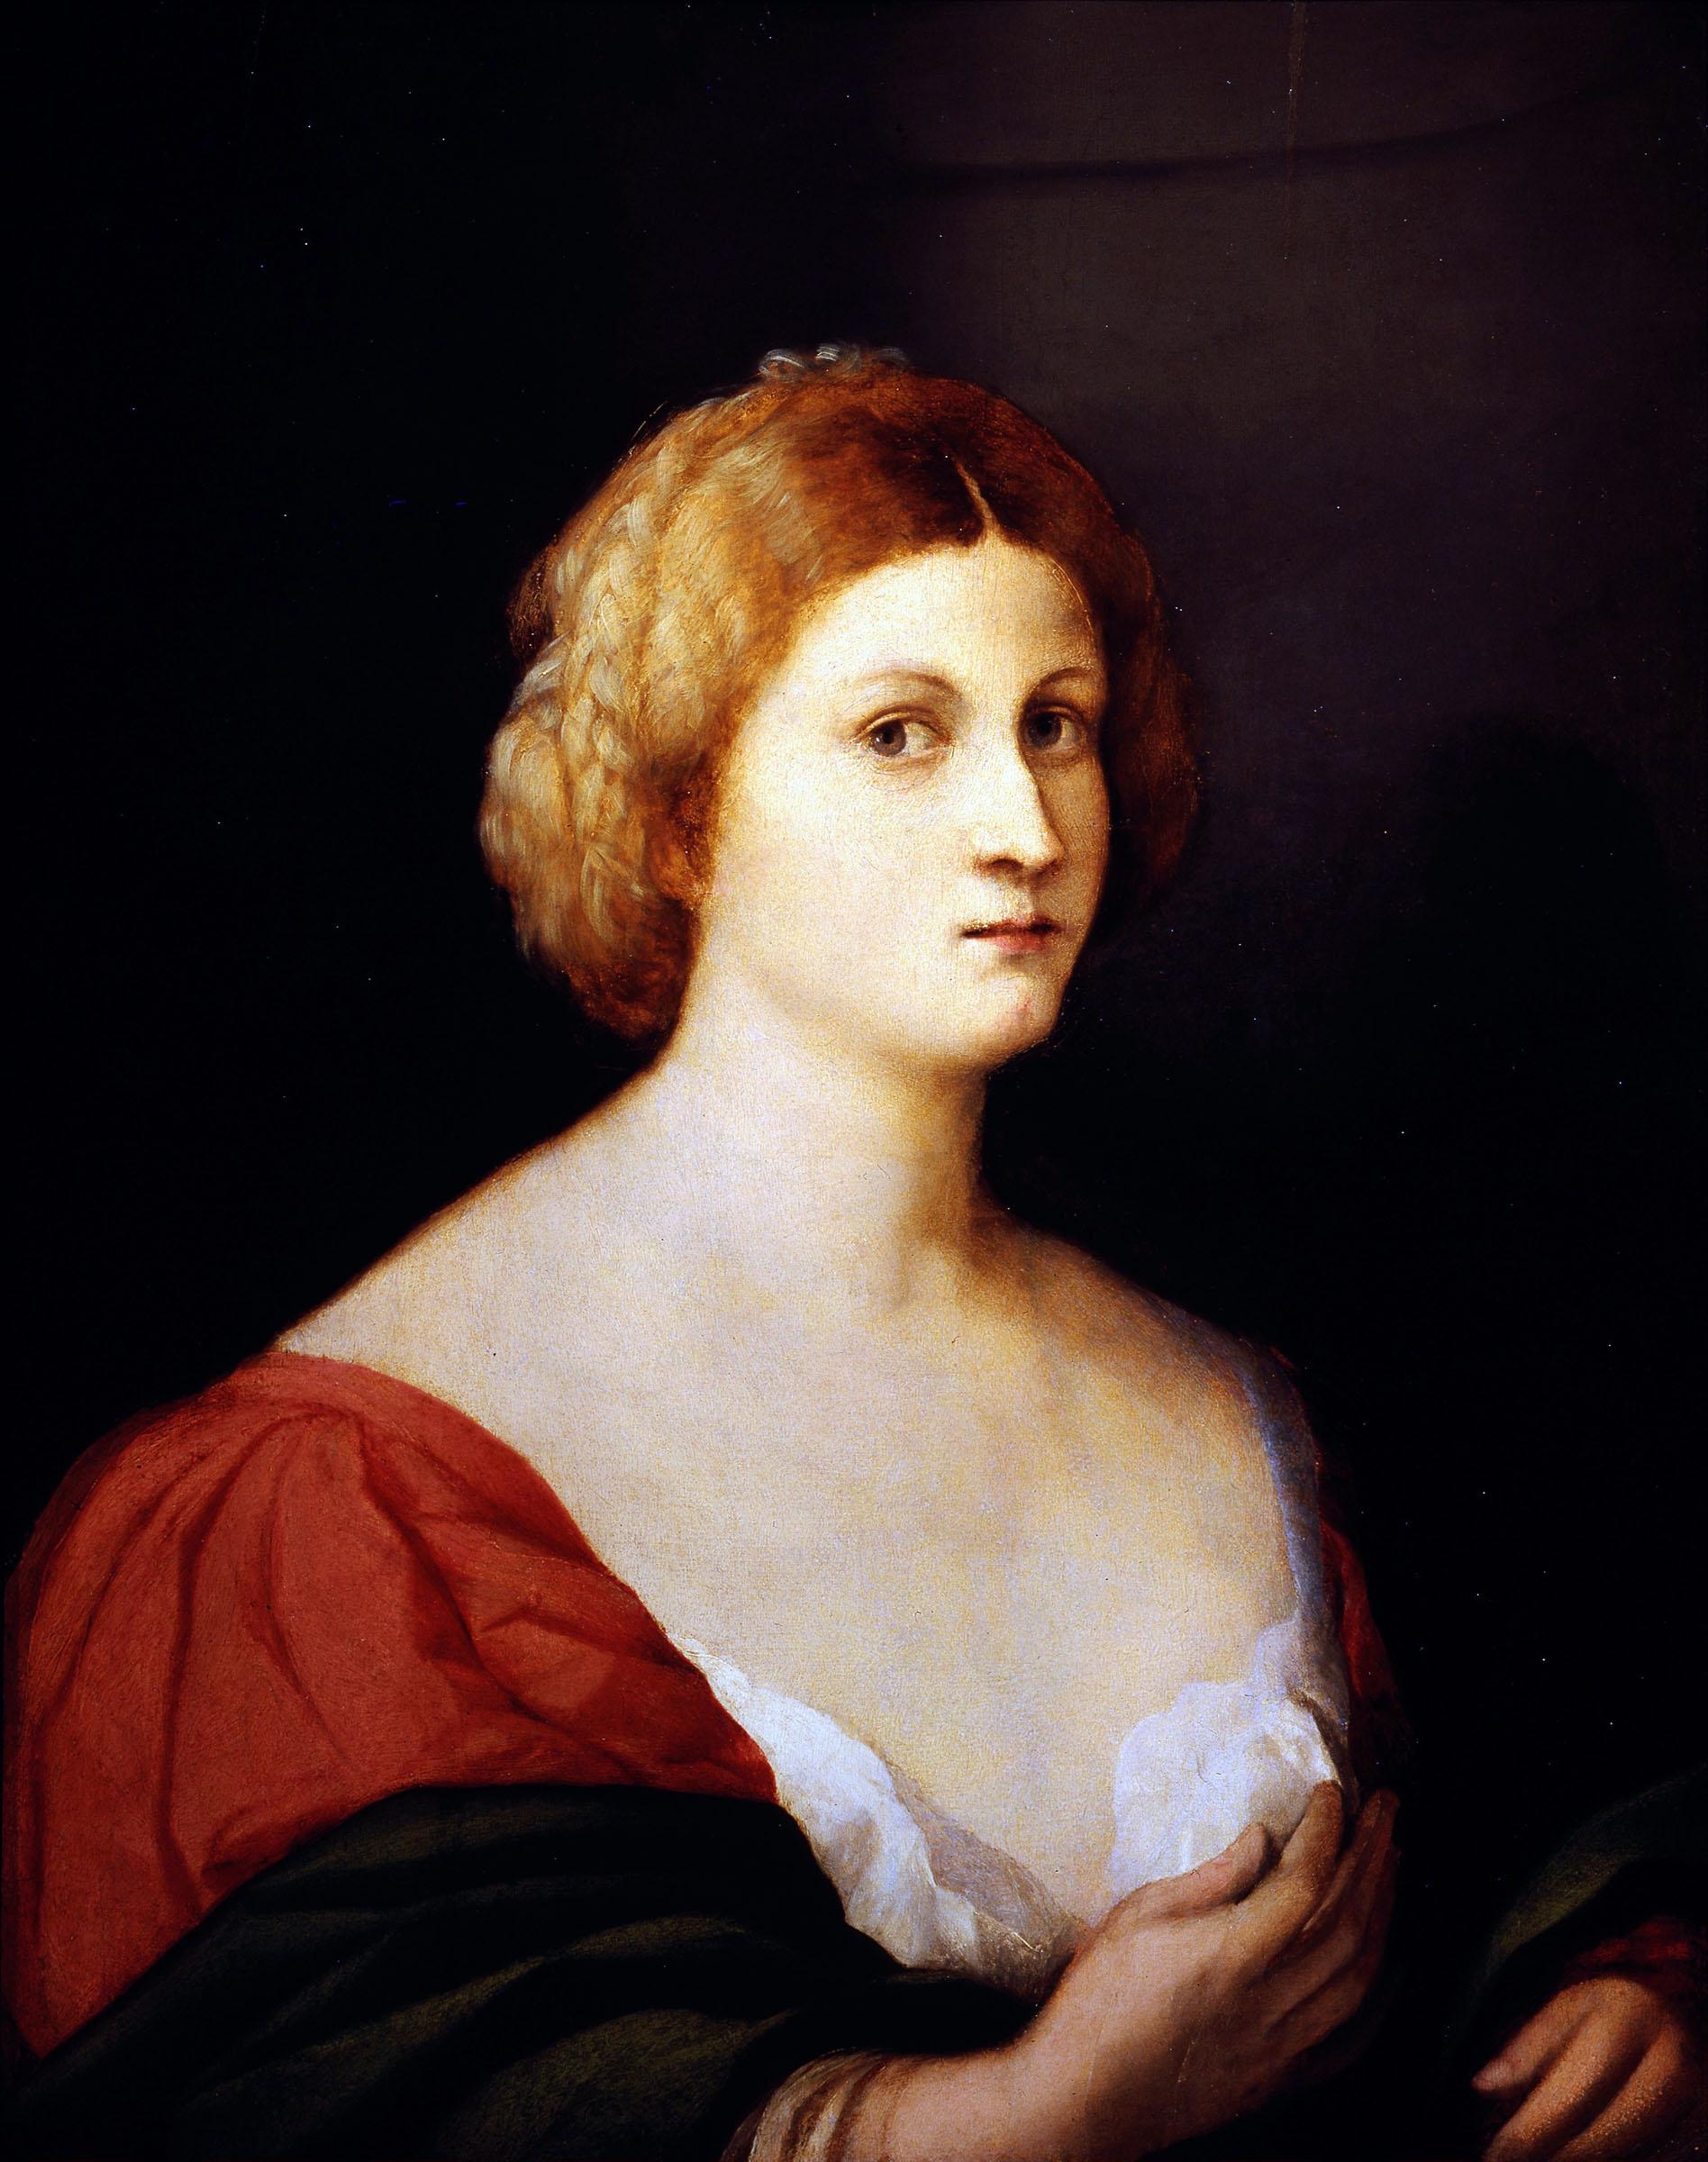 ACOPO PALMA IL VECCHIO (Serina 1480 - Venezia 1528) Recto: Ritratto di donna 1515 circa Inv. 1890 n. 10094 Olio su tavola s.c. 67 x 54 cm c.c. 70 x 56,5 cm Galleria degli Uffizi